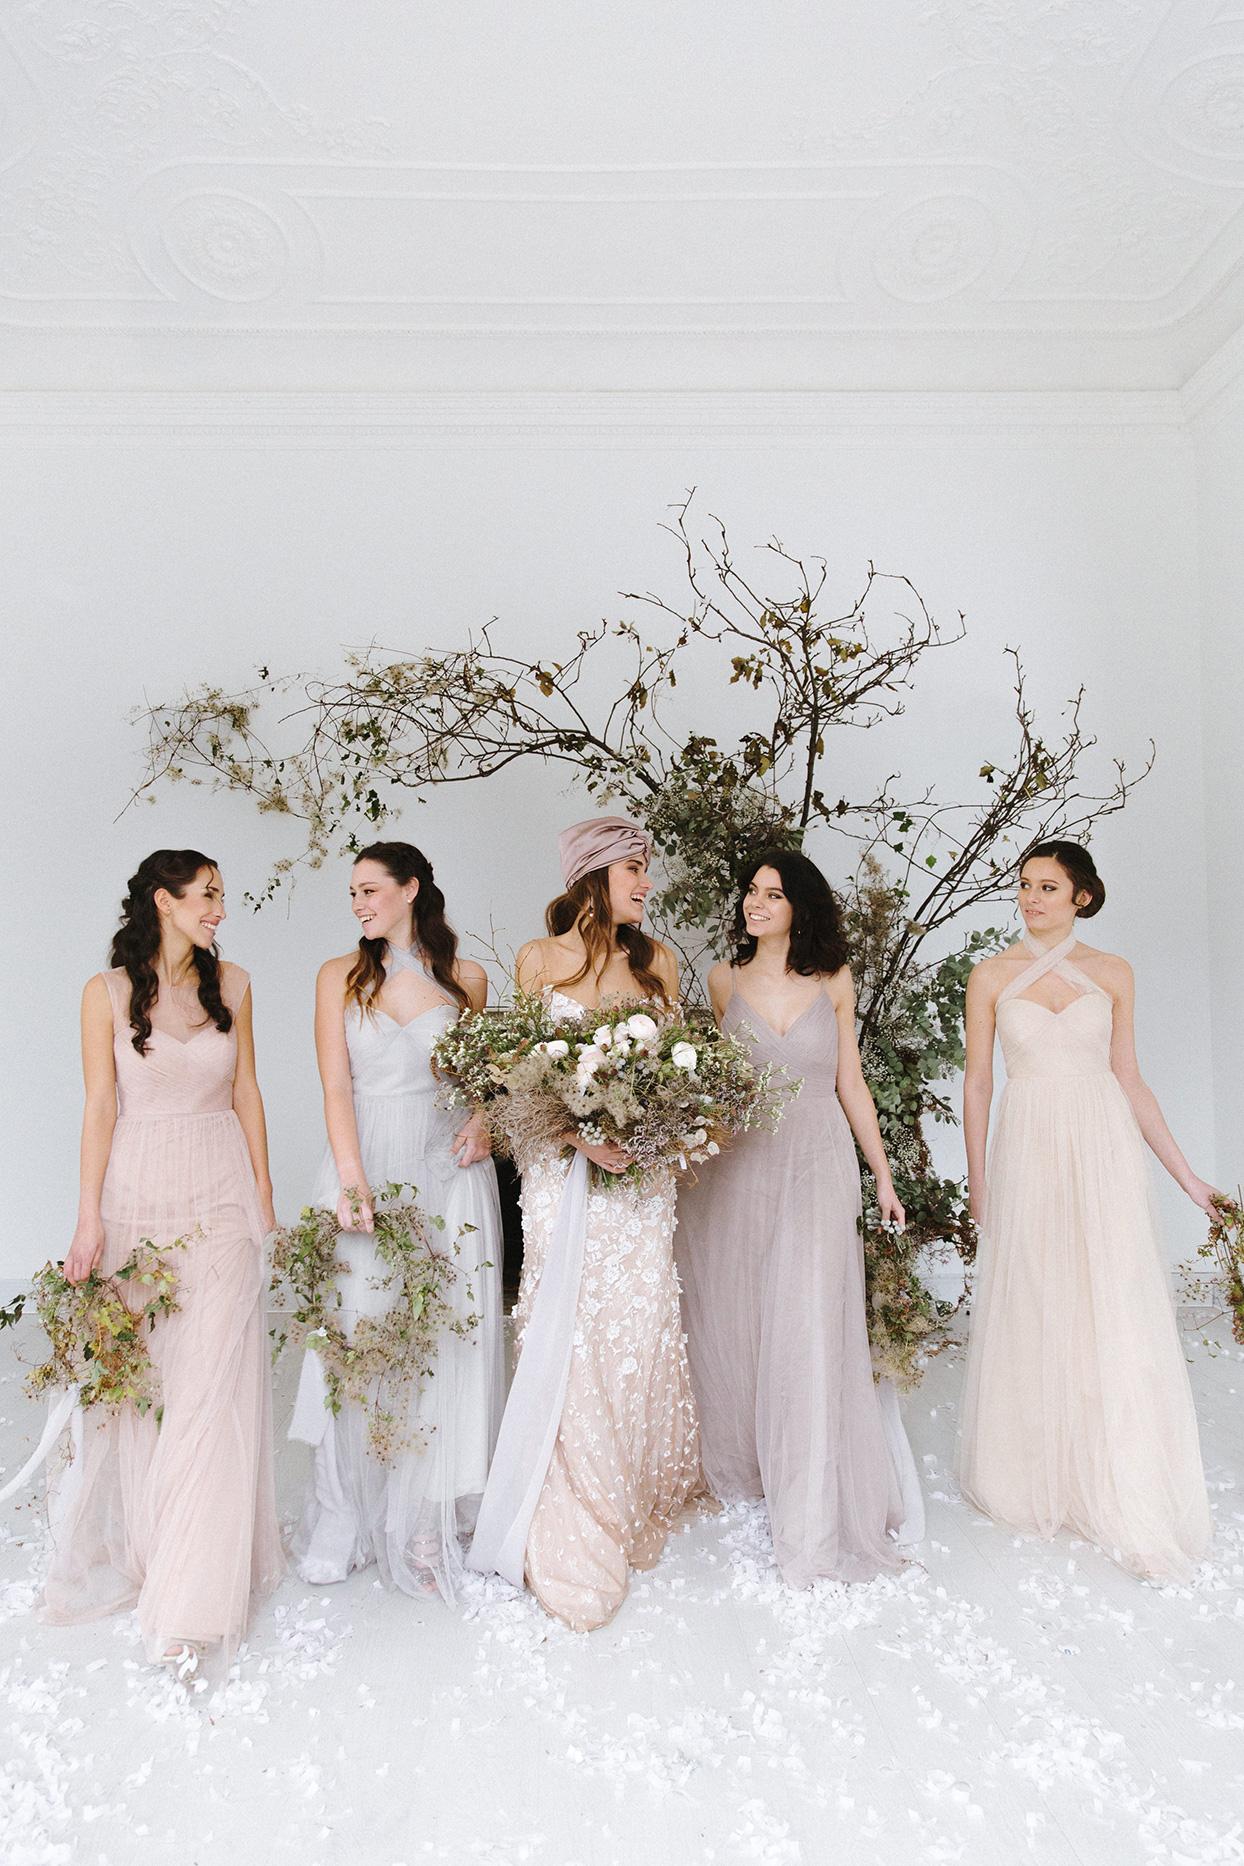 twig branch bridesmaid bouquets wedding decor